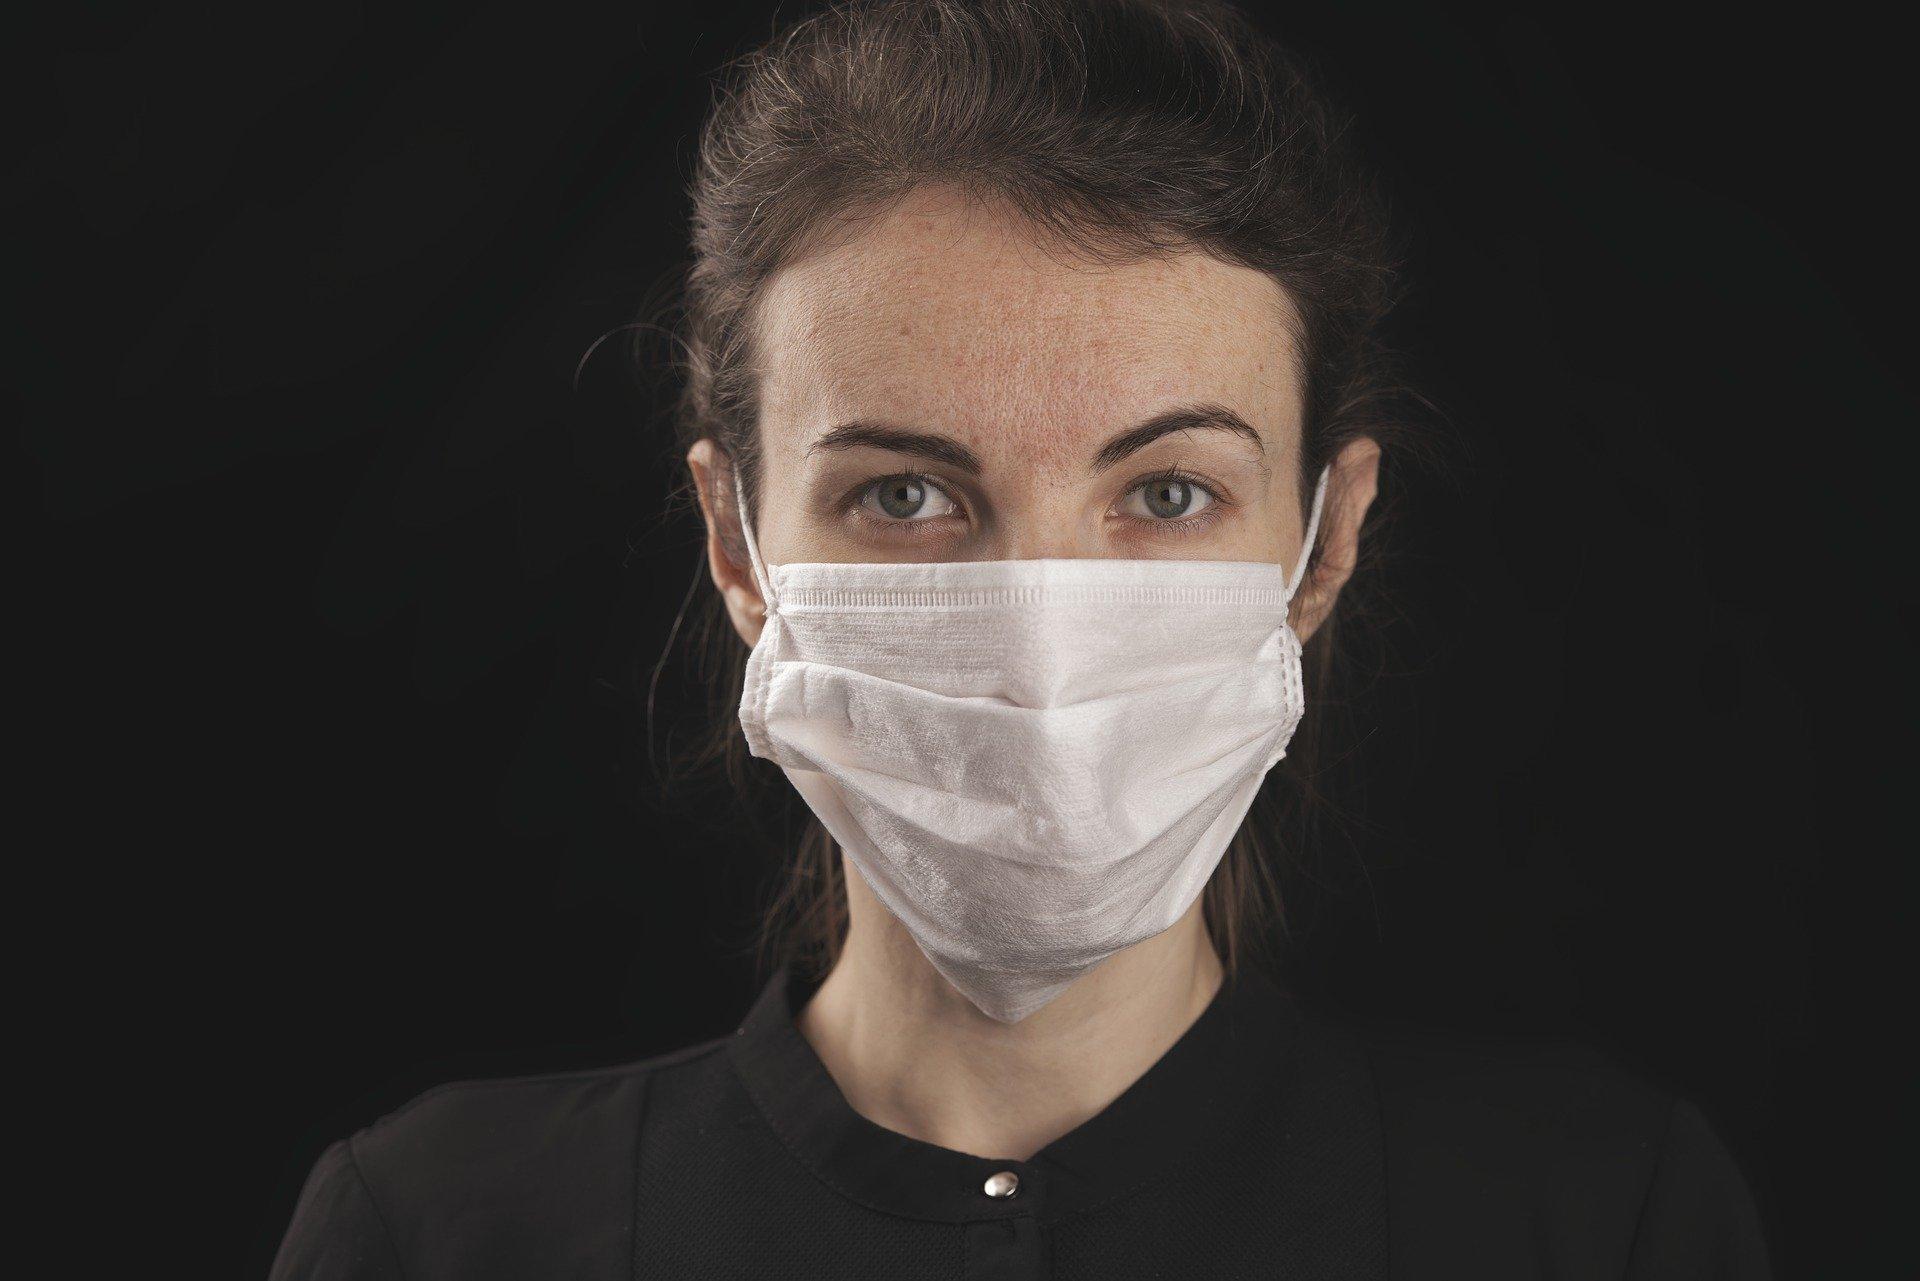 ¿Cómo explorar el autoconocimiento en tiempos de Pandemia?